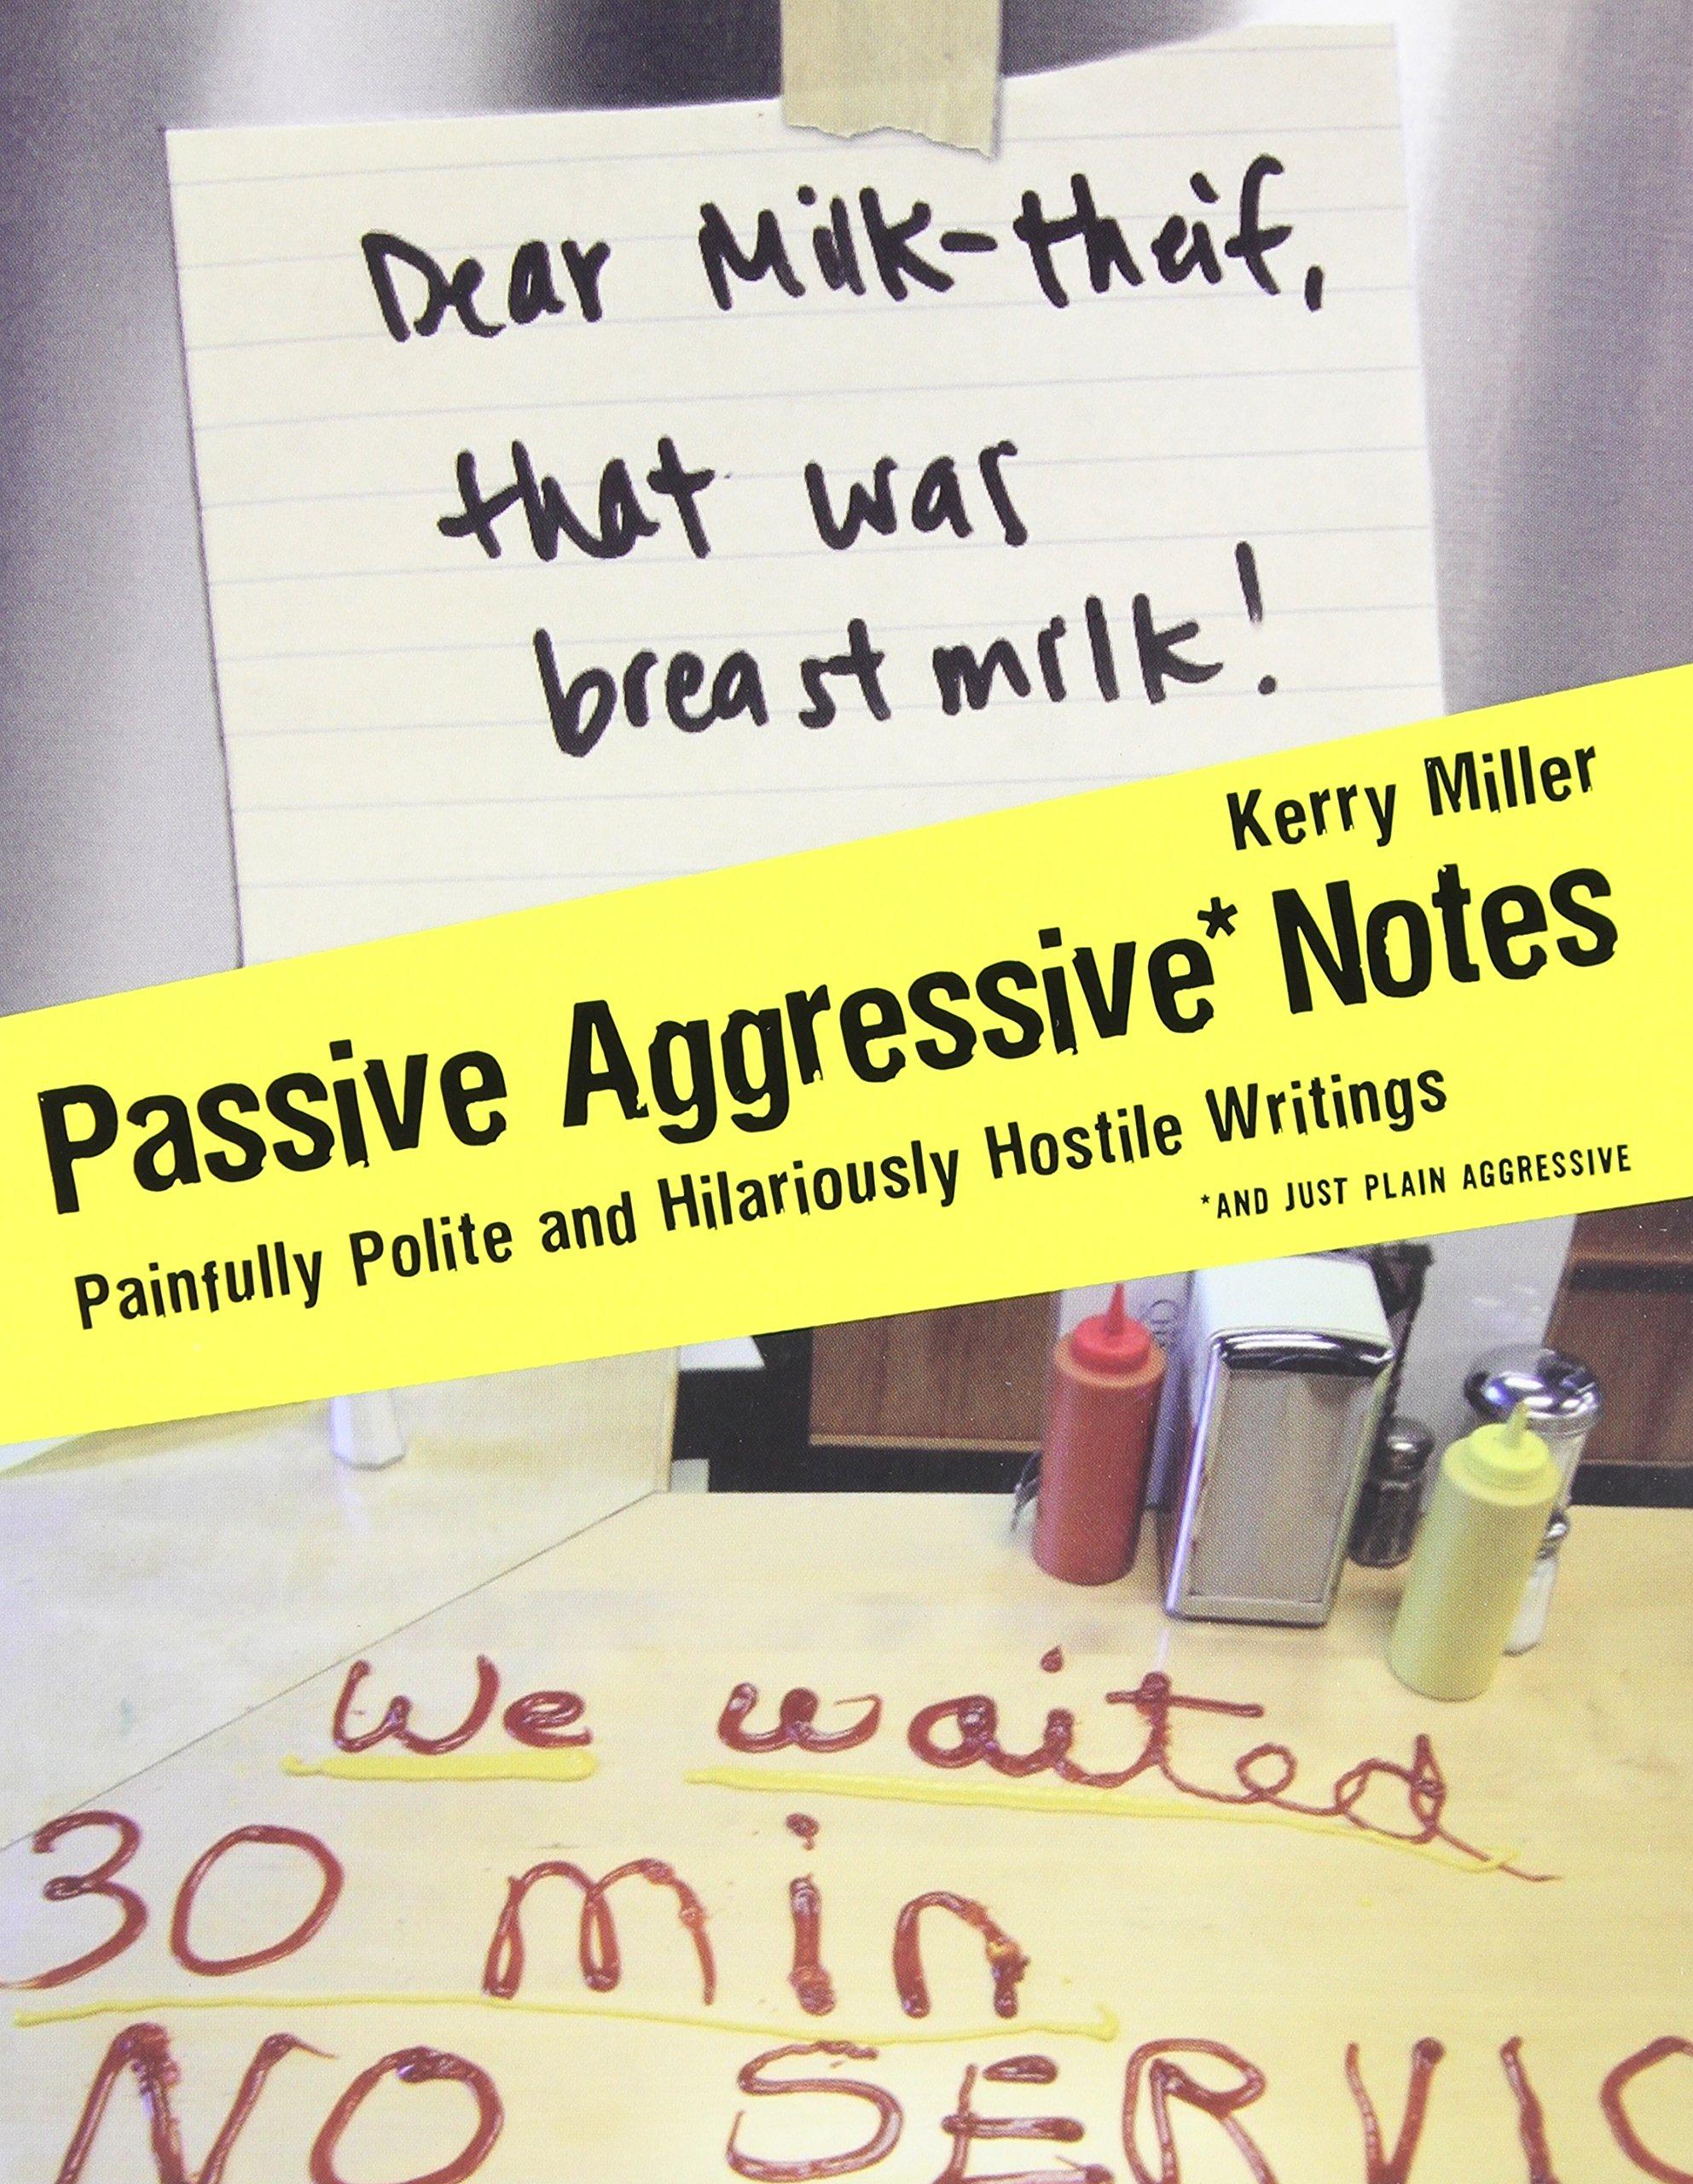 Books on passive aggressive